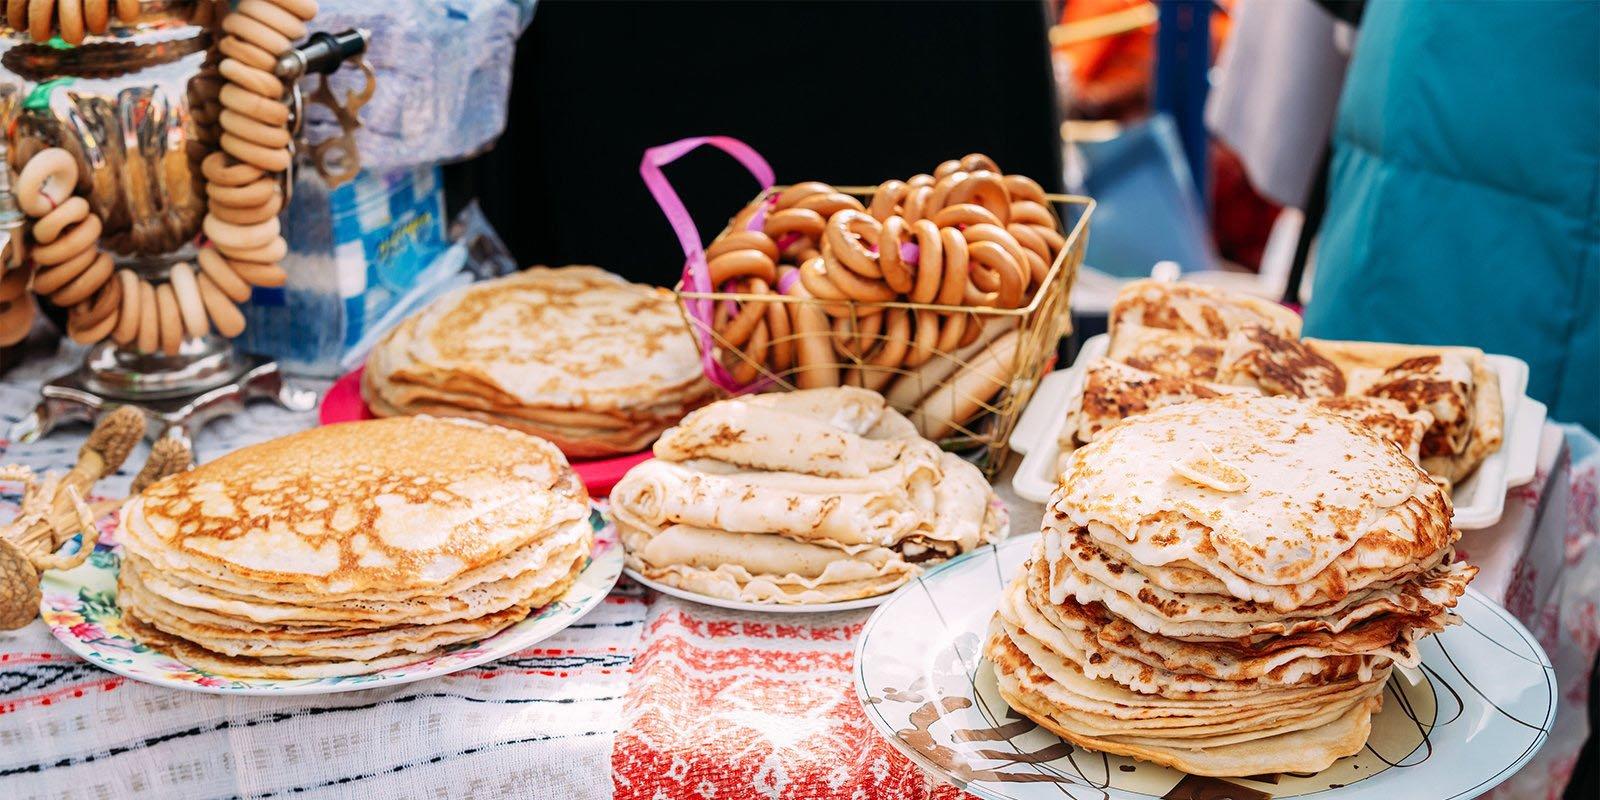 Мужская мода и марокканские блины: длинные выходные на фестивале «Московская Масленица»